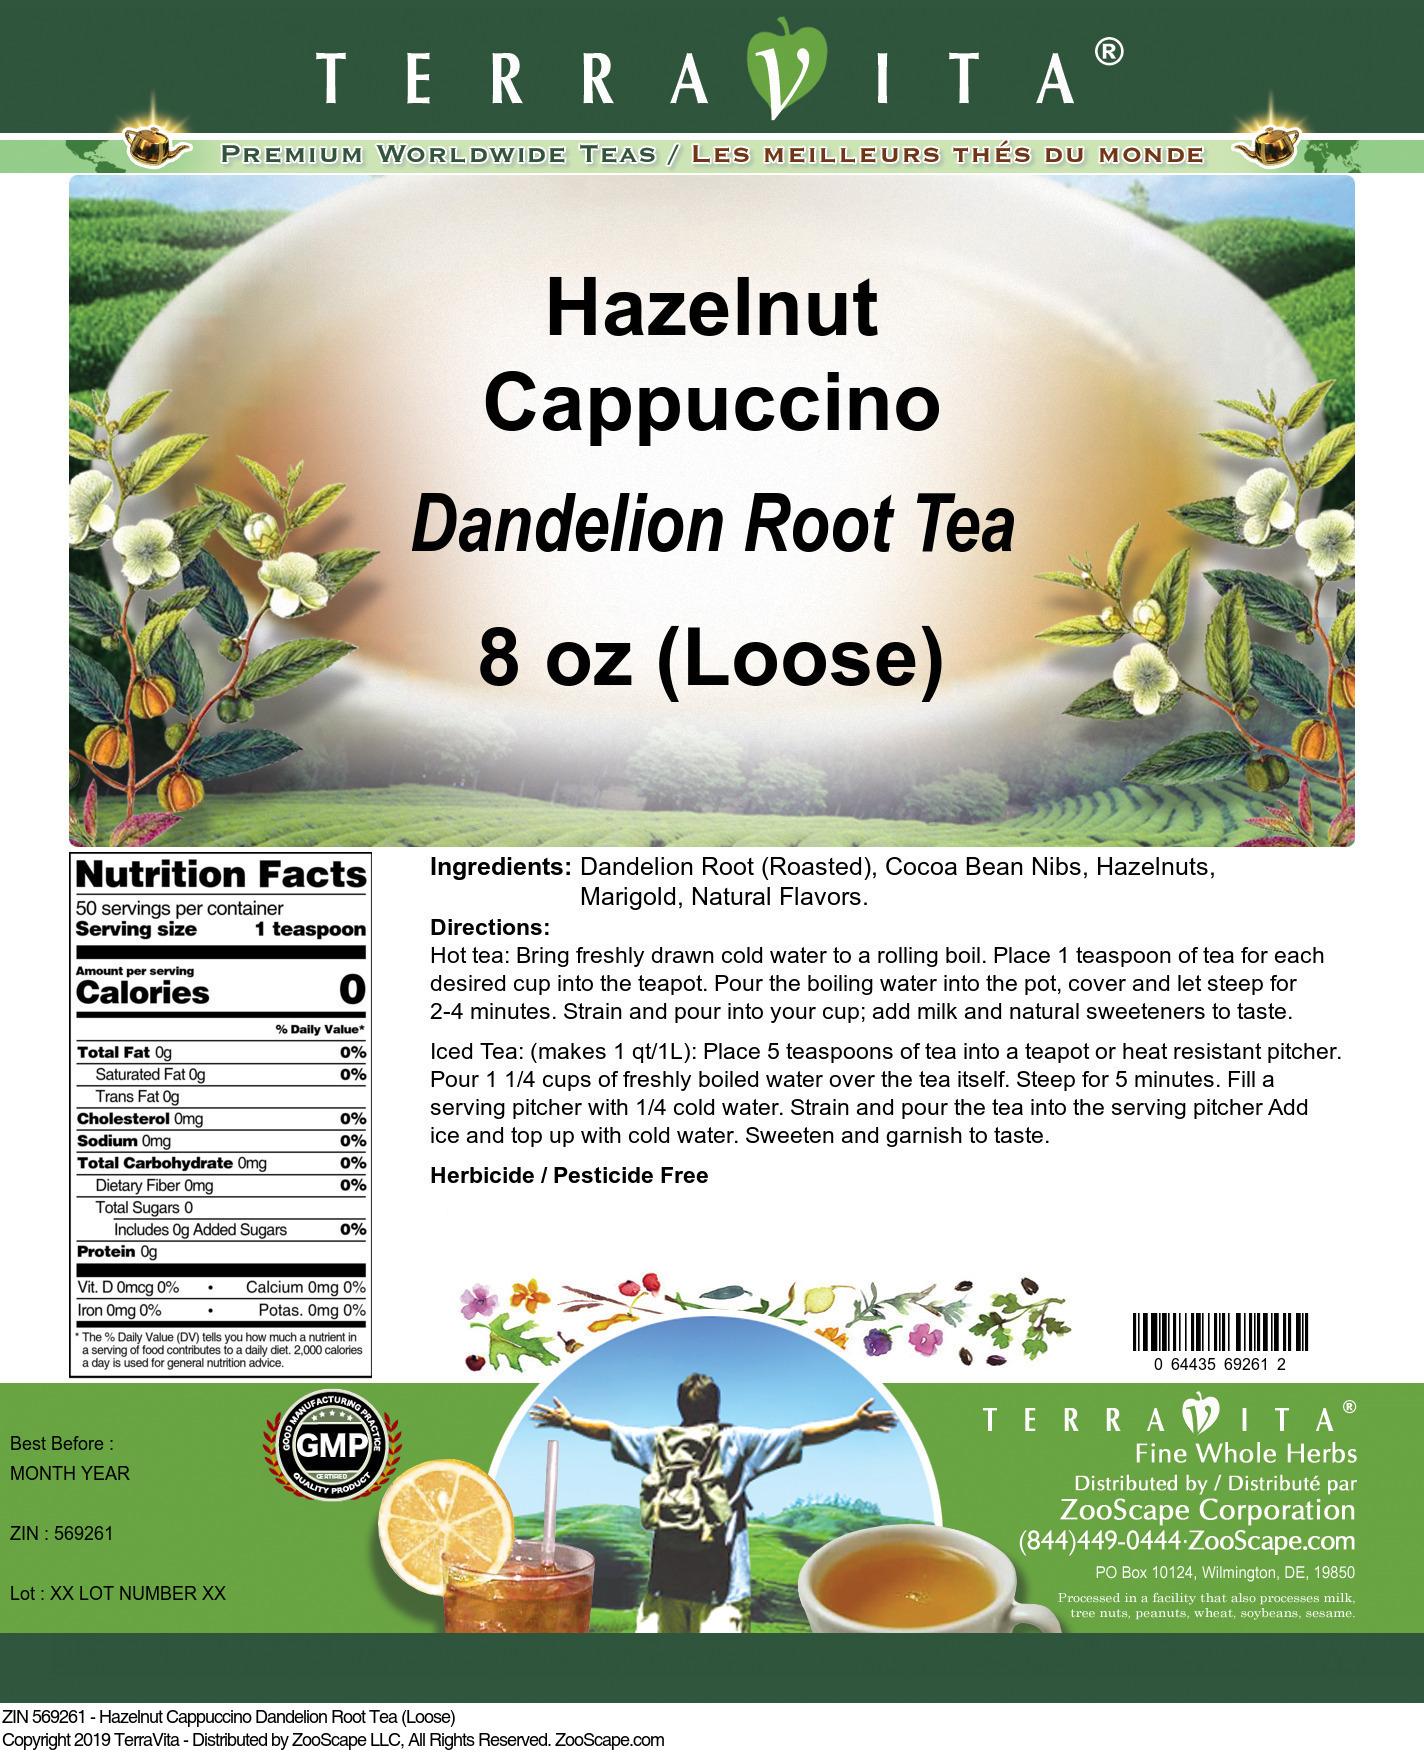 Hazelnut Cappuccino Dandelion Root